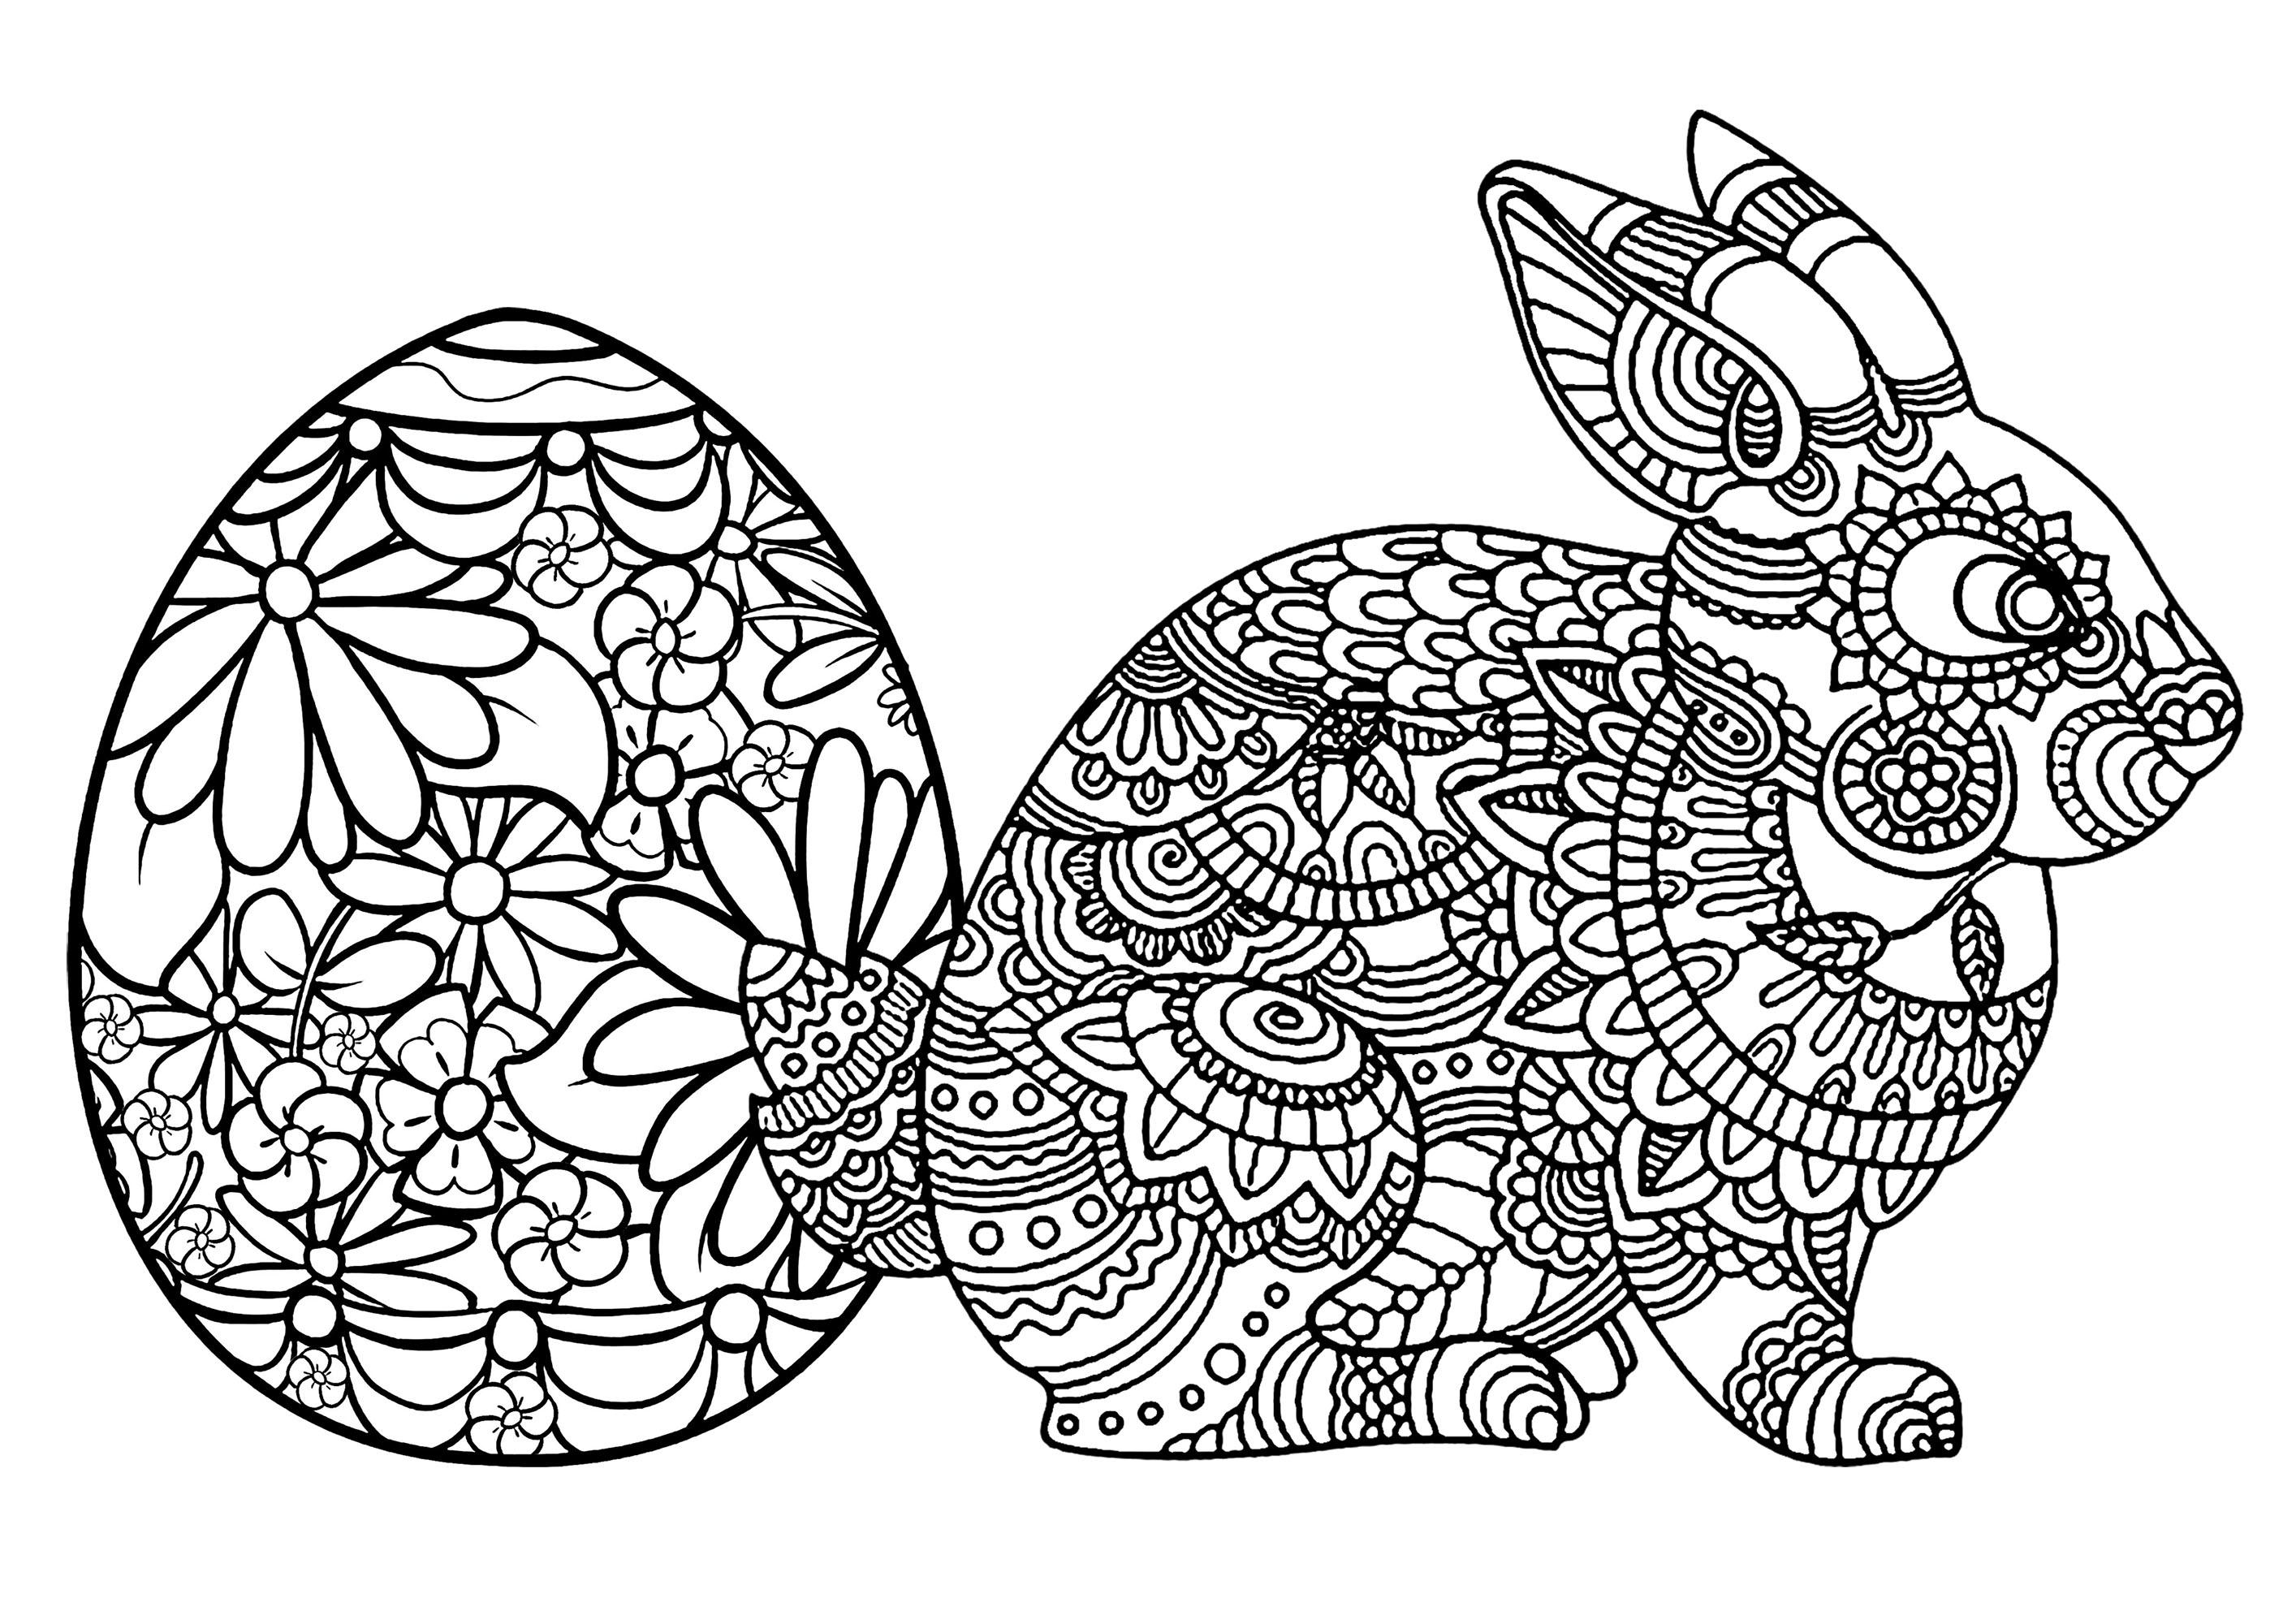 Oeuf et lapin de paques p ques coloriages difficiles - Coloriage lapin paques ...